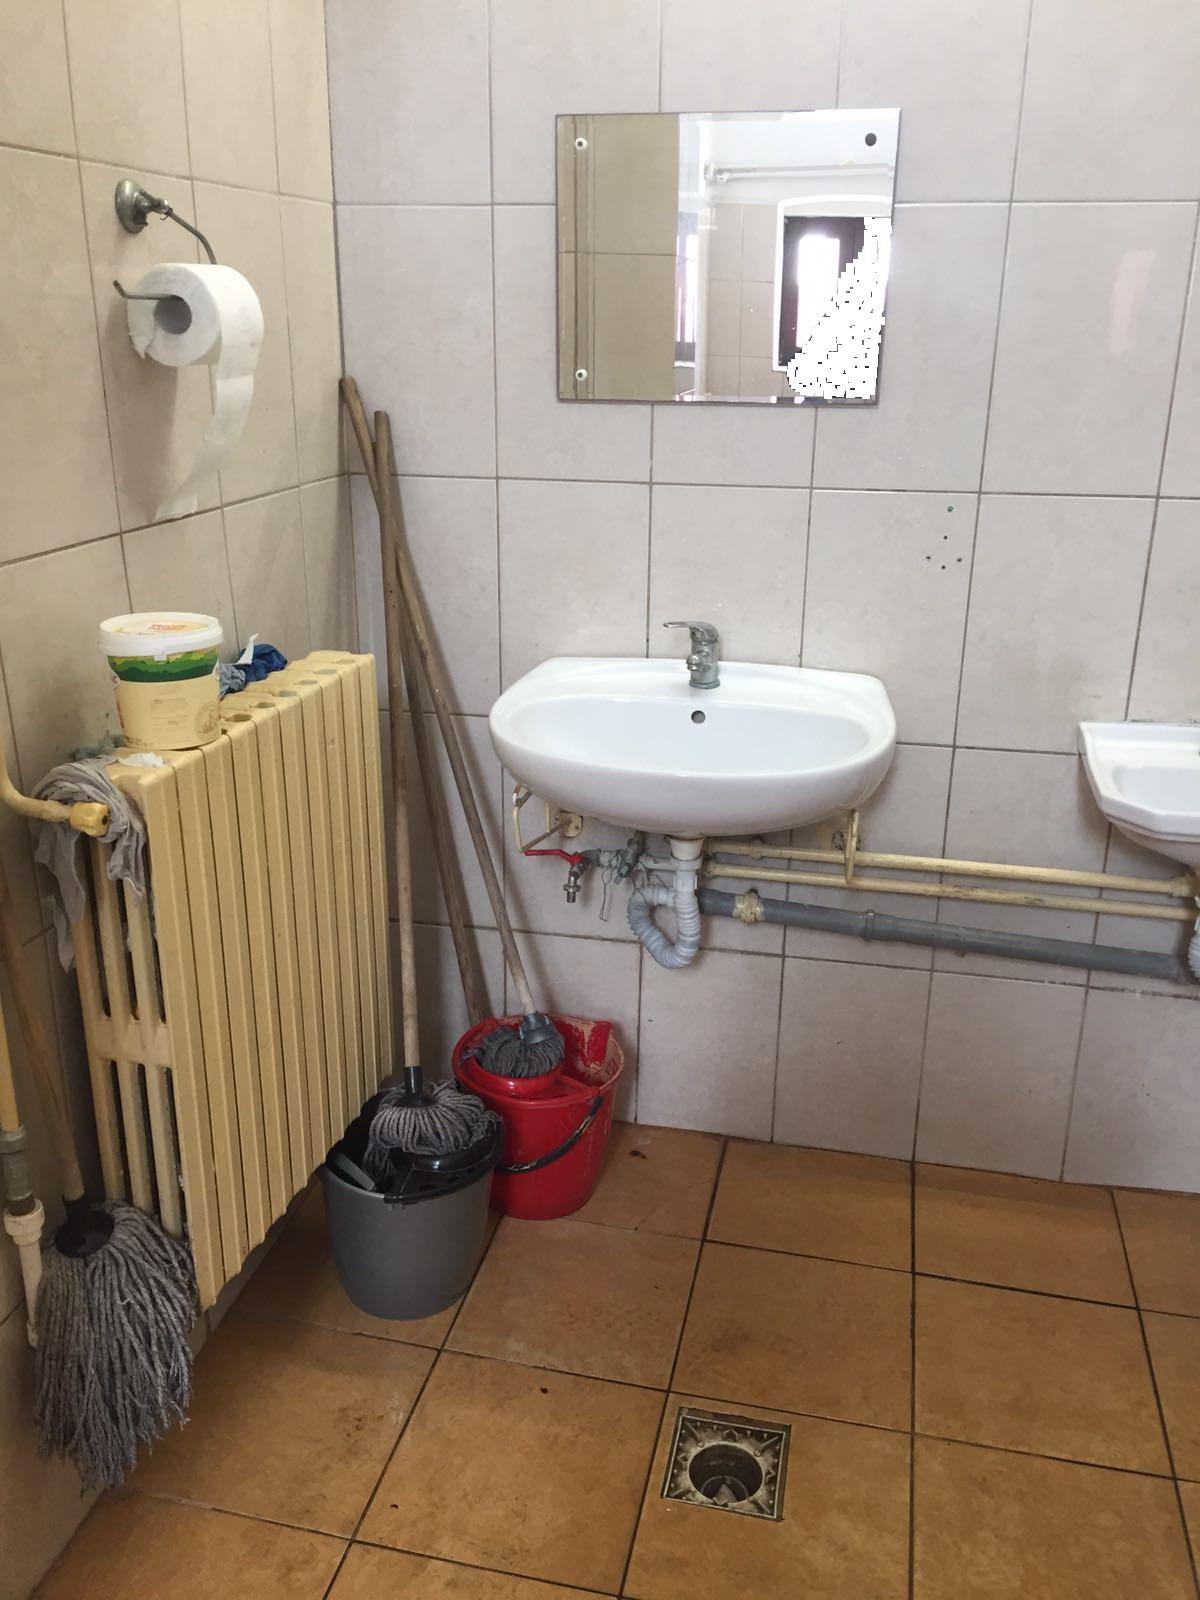 Secvență realizată de fotoreeporterul nostru în grupul sanitar (băieți) din clădirea internat (imobil de patrimoniu).